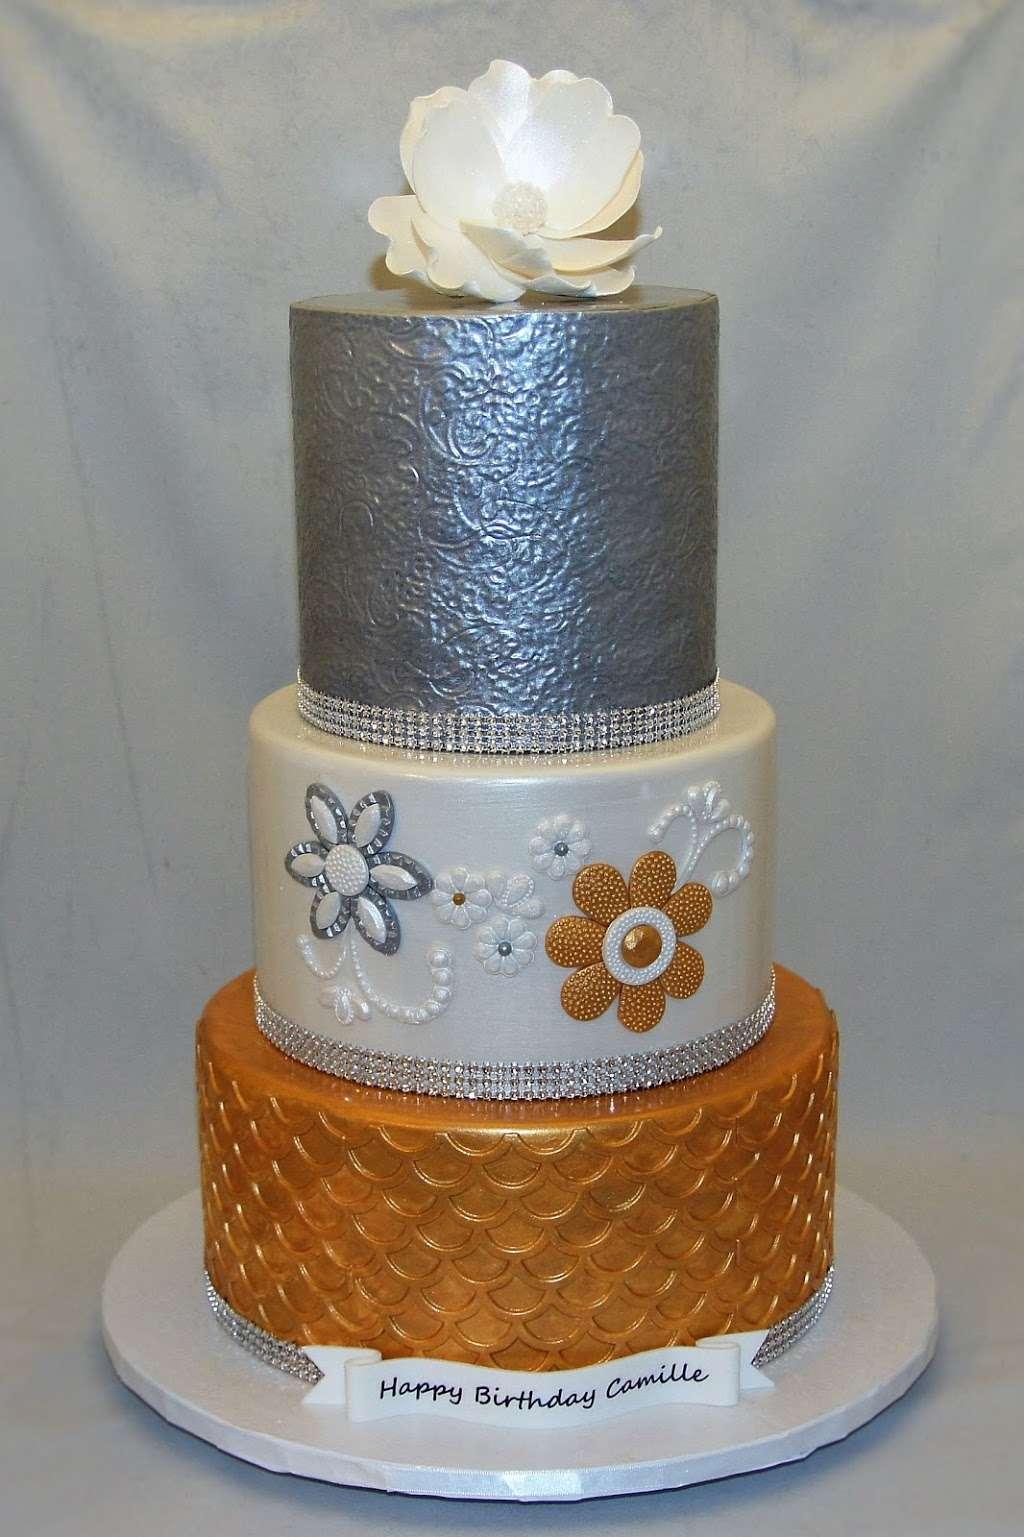 Cake in a Cup NY LLC - bakery  | Photo 7 of 10 | Address: PO Box 224, Bronxville, NY 10708, USA | Phone: (917) 225-5769